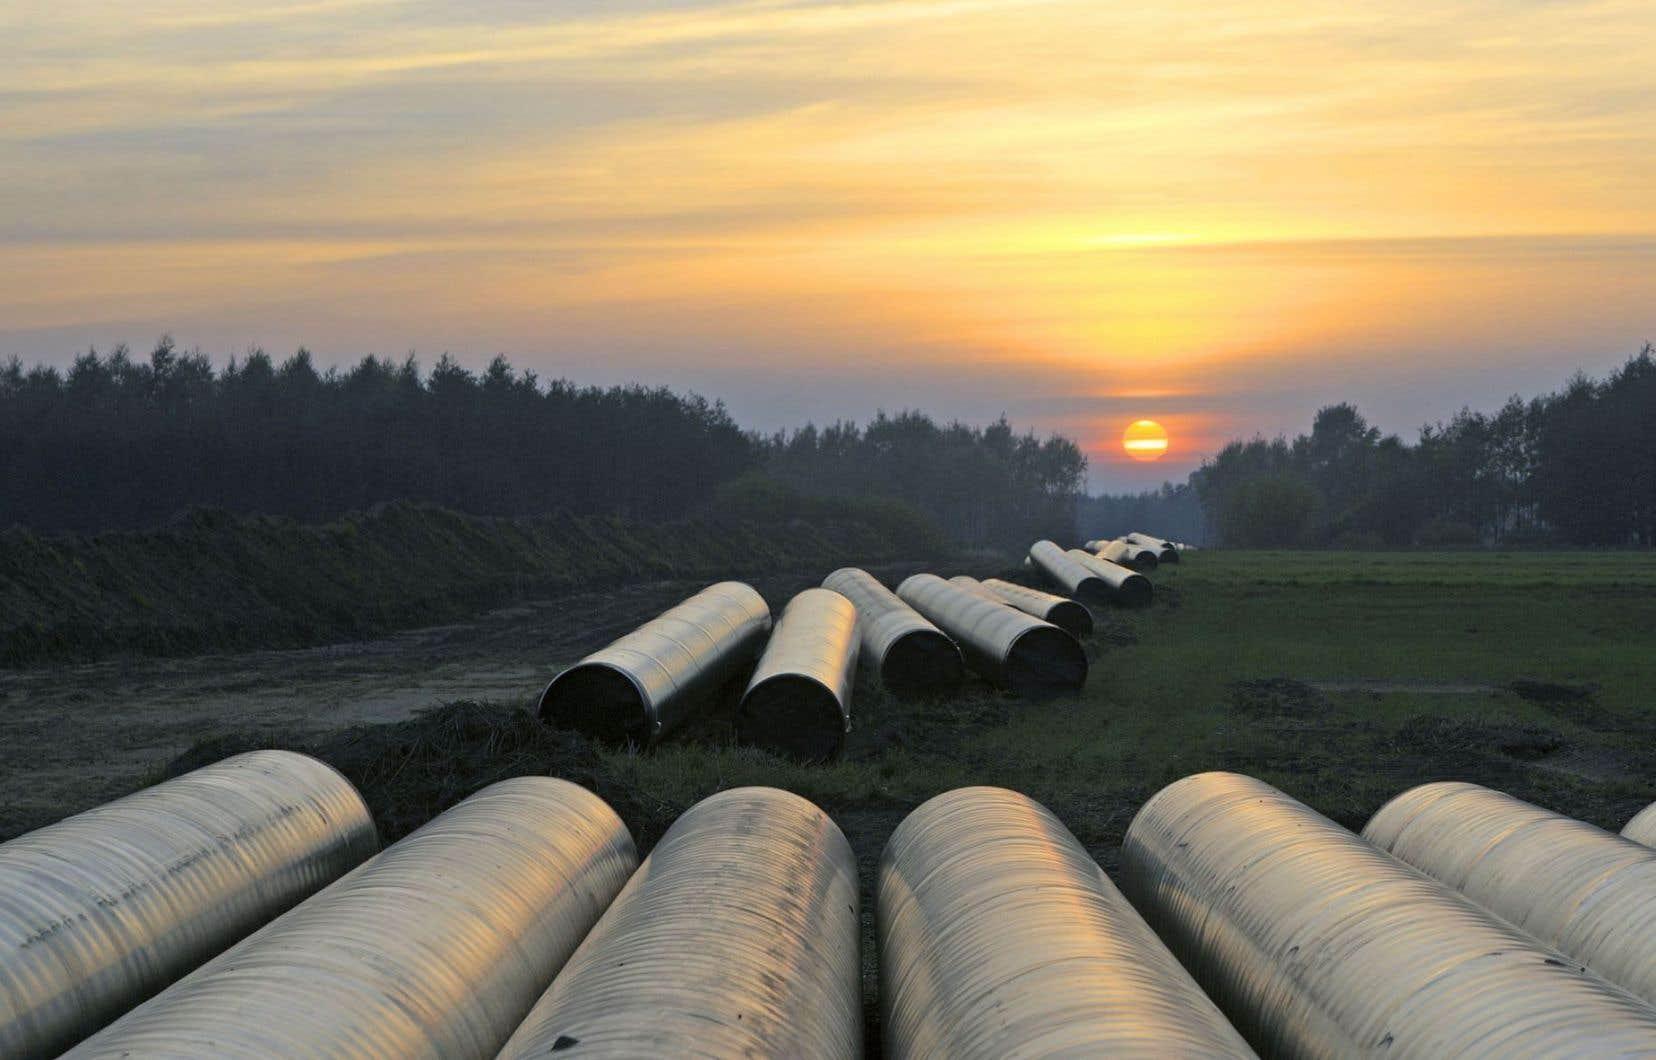 Selon le ministère de l'Énergie et des Ressources naturelles, les fonds publics accordés à Canadoil Forge, une entreprisequi fabrique des portions de pipelines, devraient permettre de réduire ses émissions de 694,5 tonnes de GES par année.